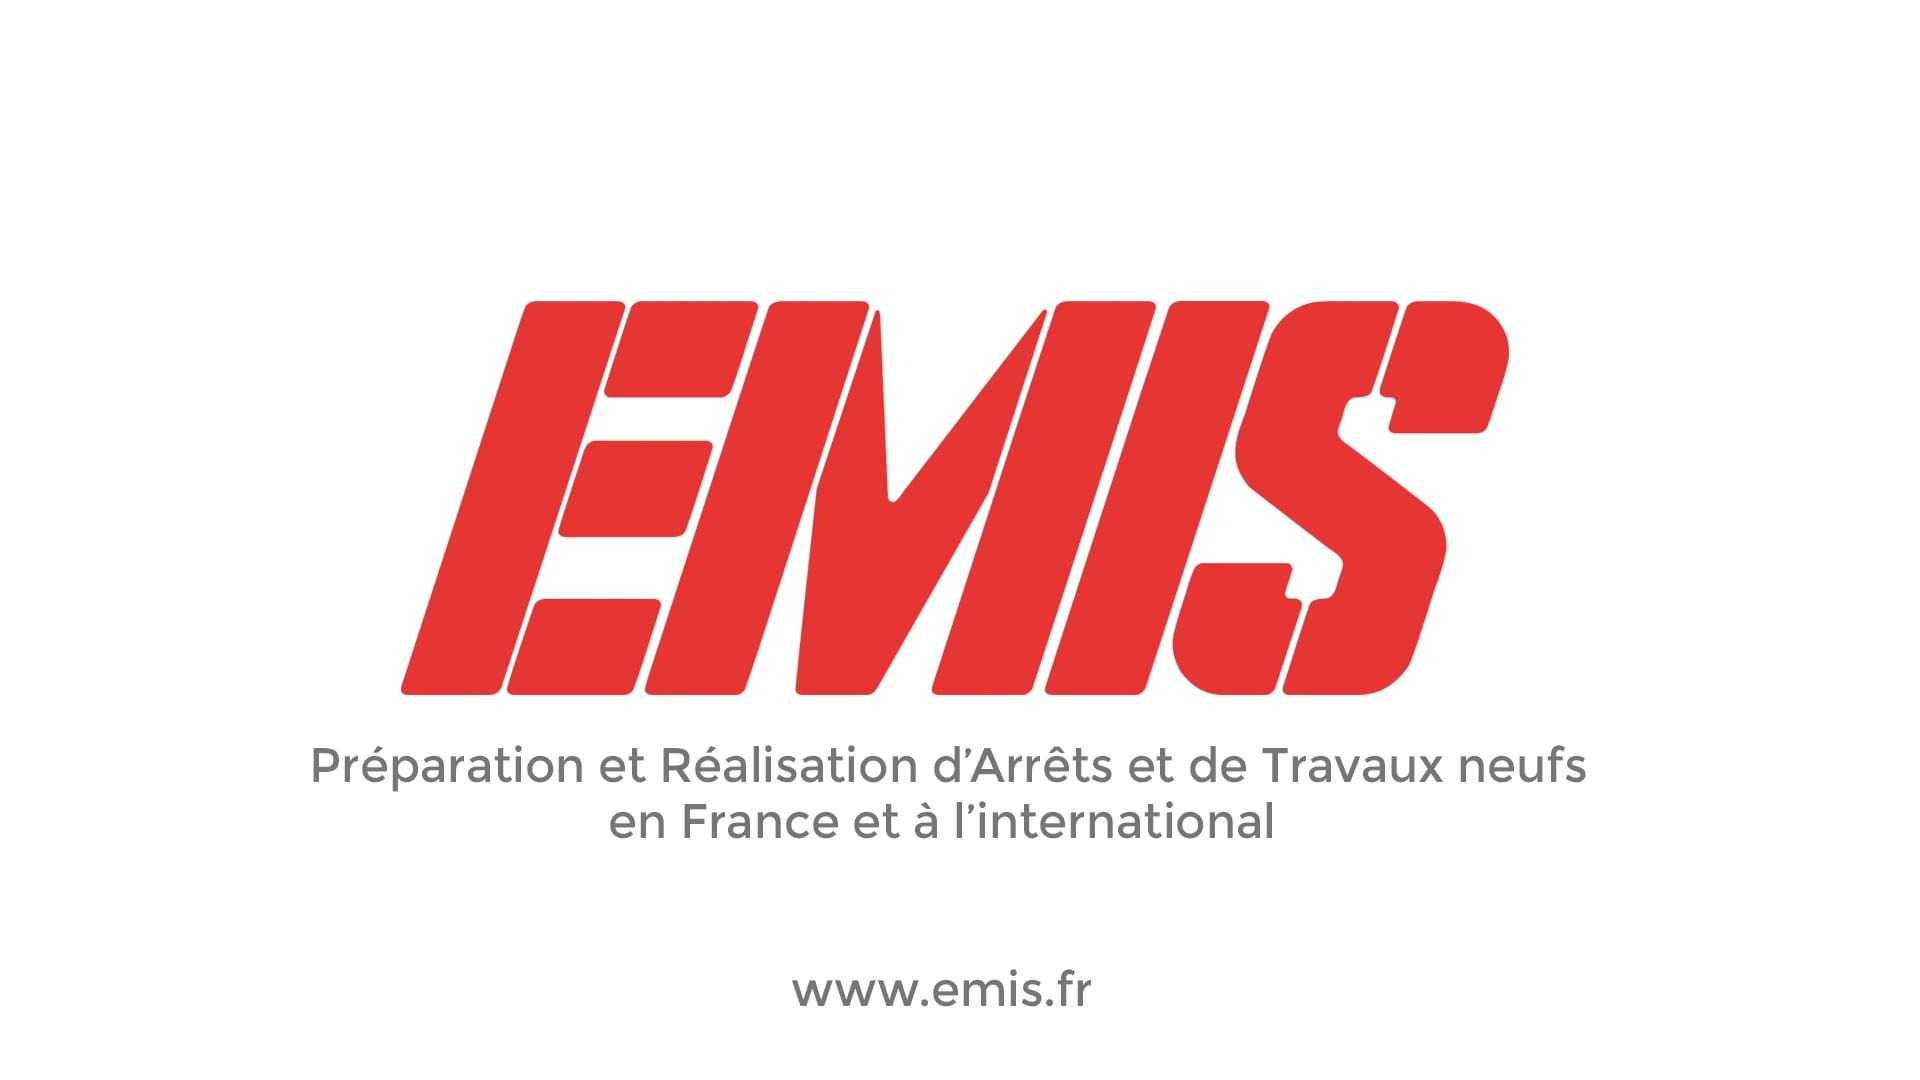 EMIS - Préparation et Réalisation d'Arrêts et de Travaux neufs en France et à l'international